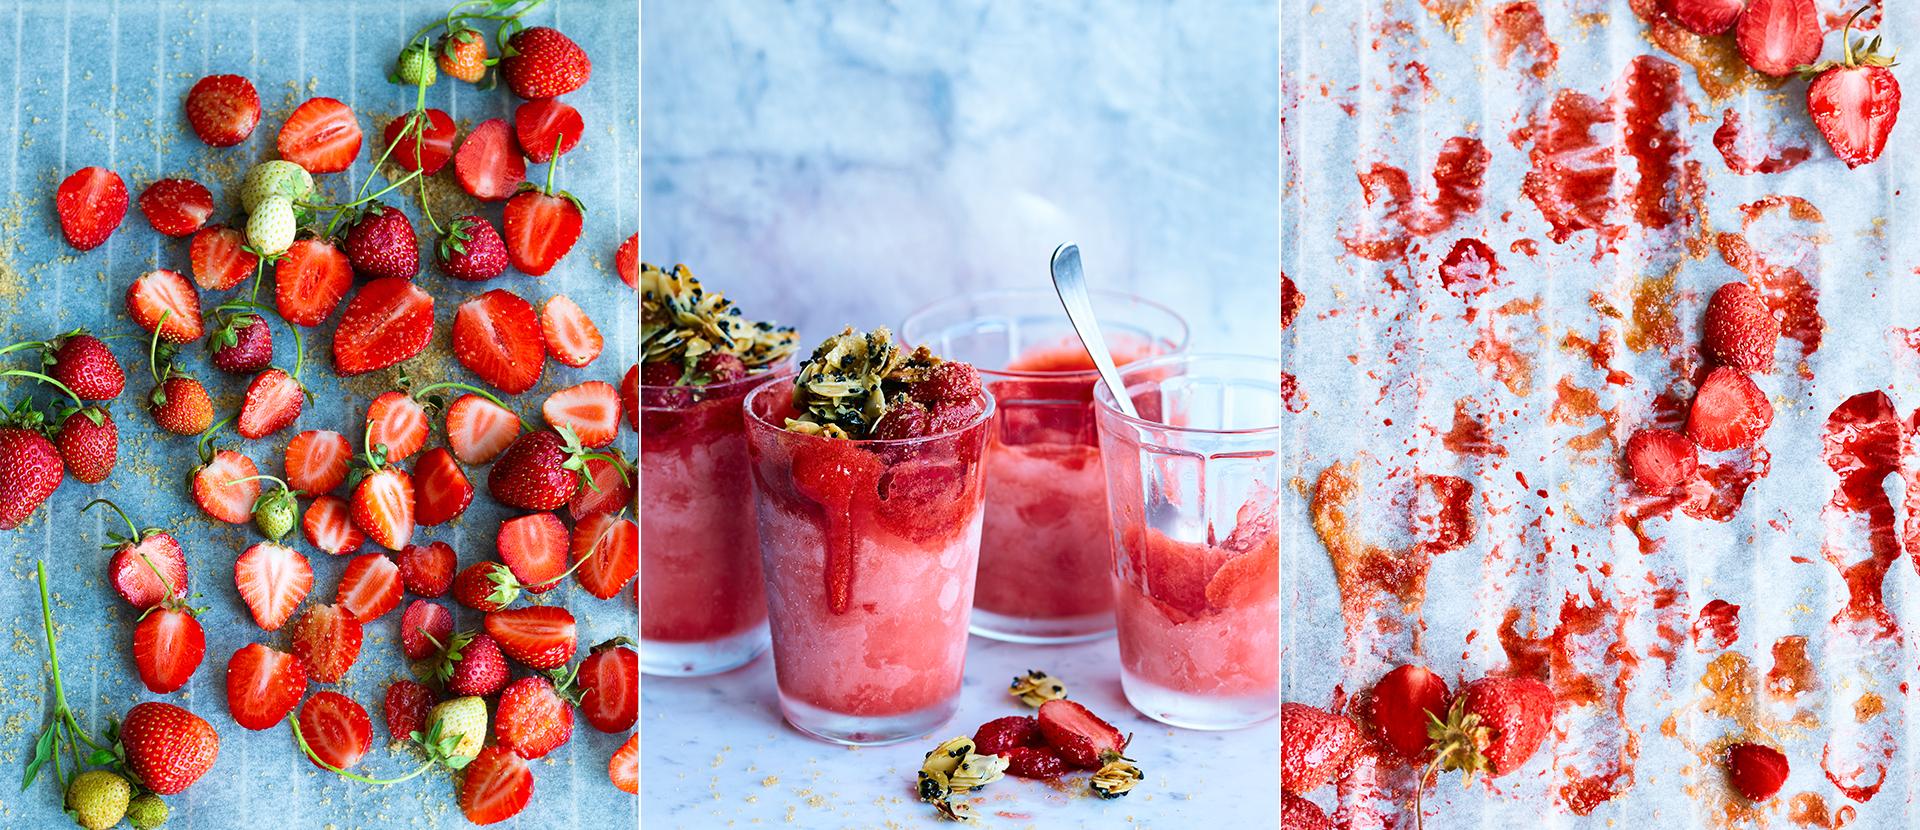 Blech mit Backpapier und ganzen und halbierten Erdbeeren. angefrorene Glaeser mit Erdbeersorbet, gebackenen Erdbeeren und Granola aus Mandelblaettchen und Schwarzkuemmel. Backblech mit Backpapier und gebackenen Erdbeeren